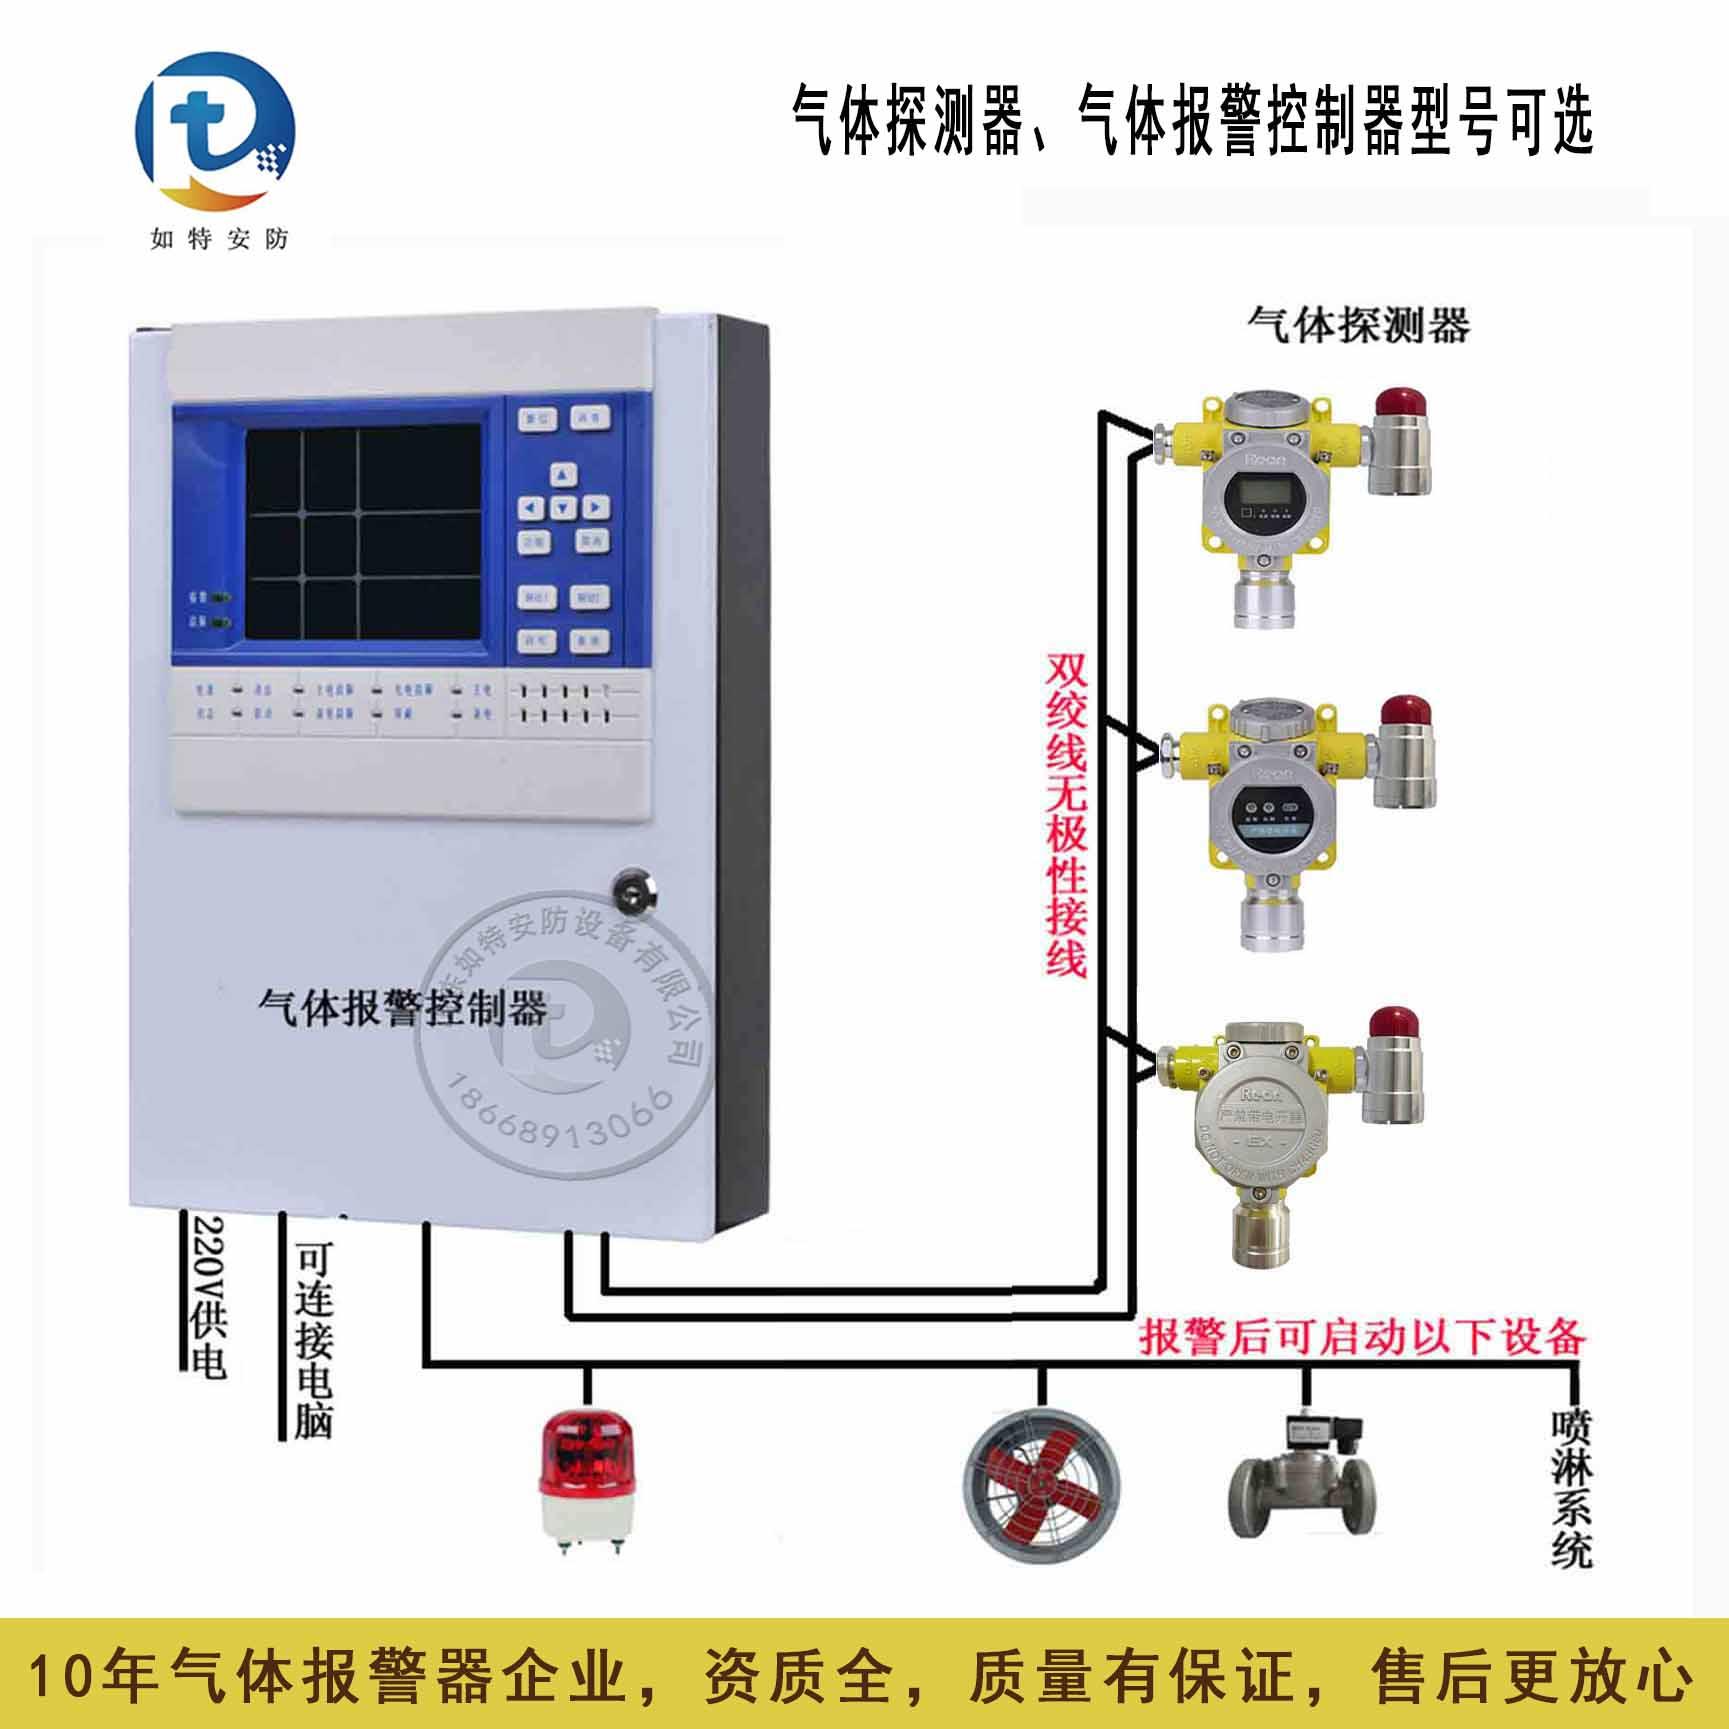 煤气房CO气体浓度报警器自动启动通风